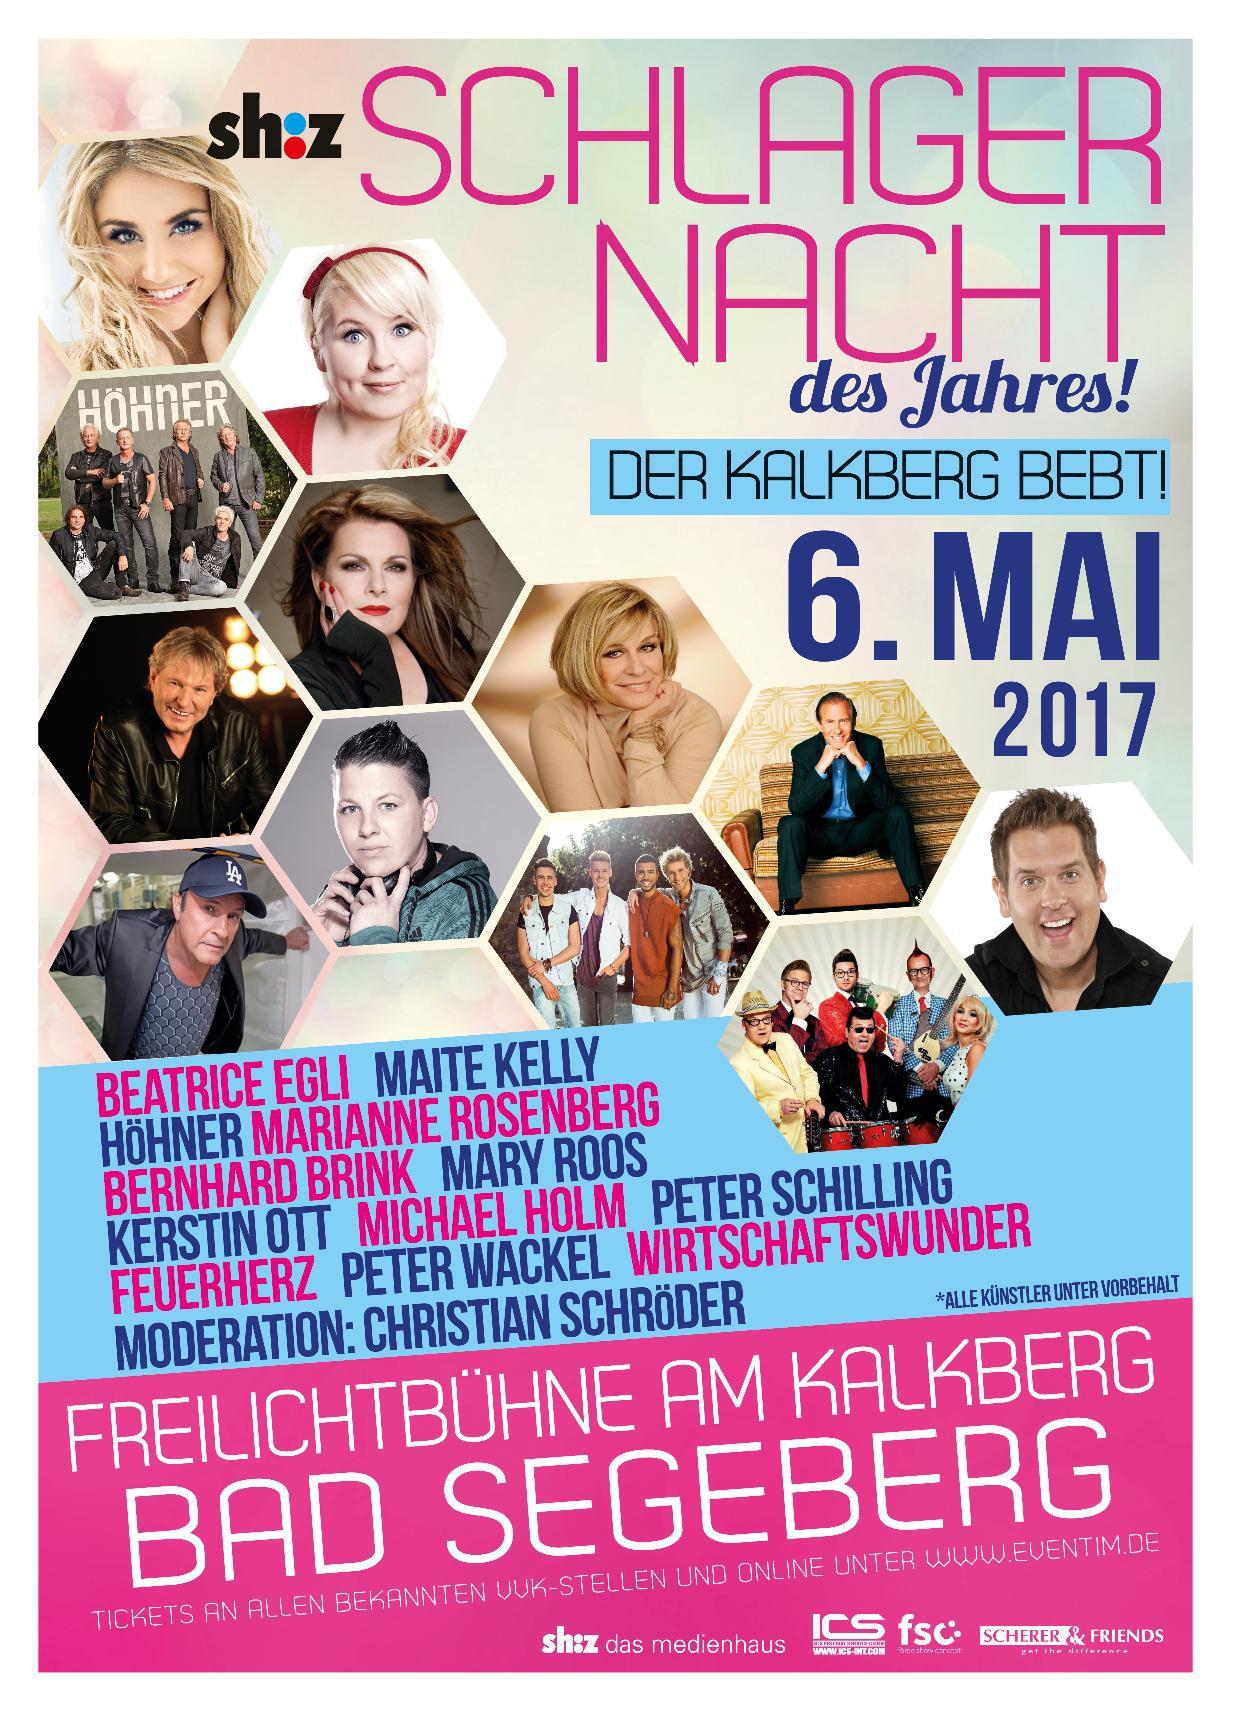 Schlagernacht_PlakatA4-page-001-e1482145126115